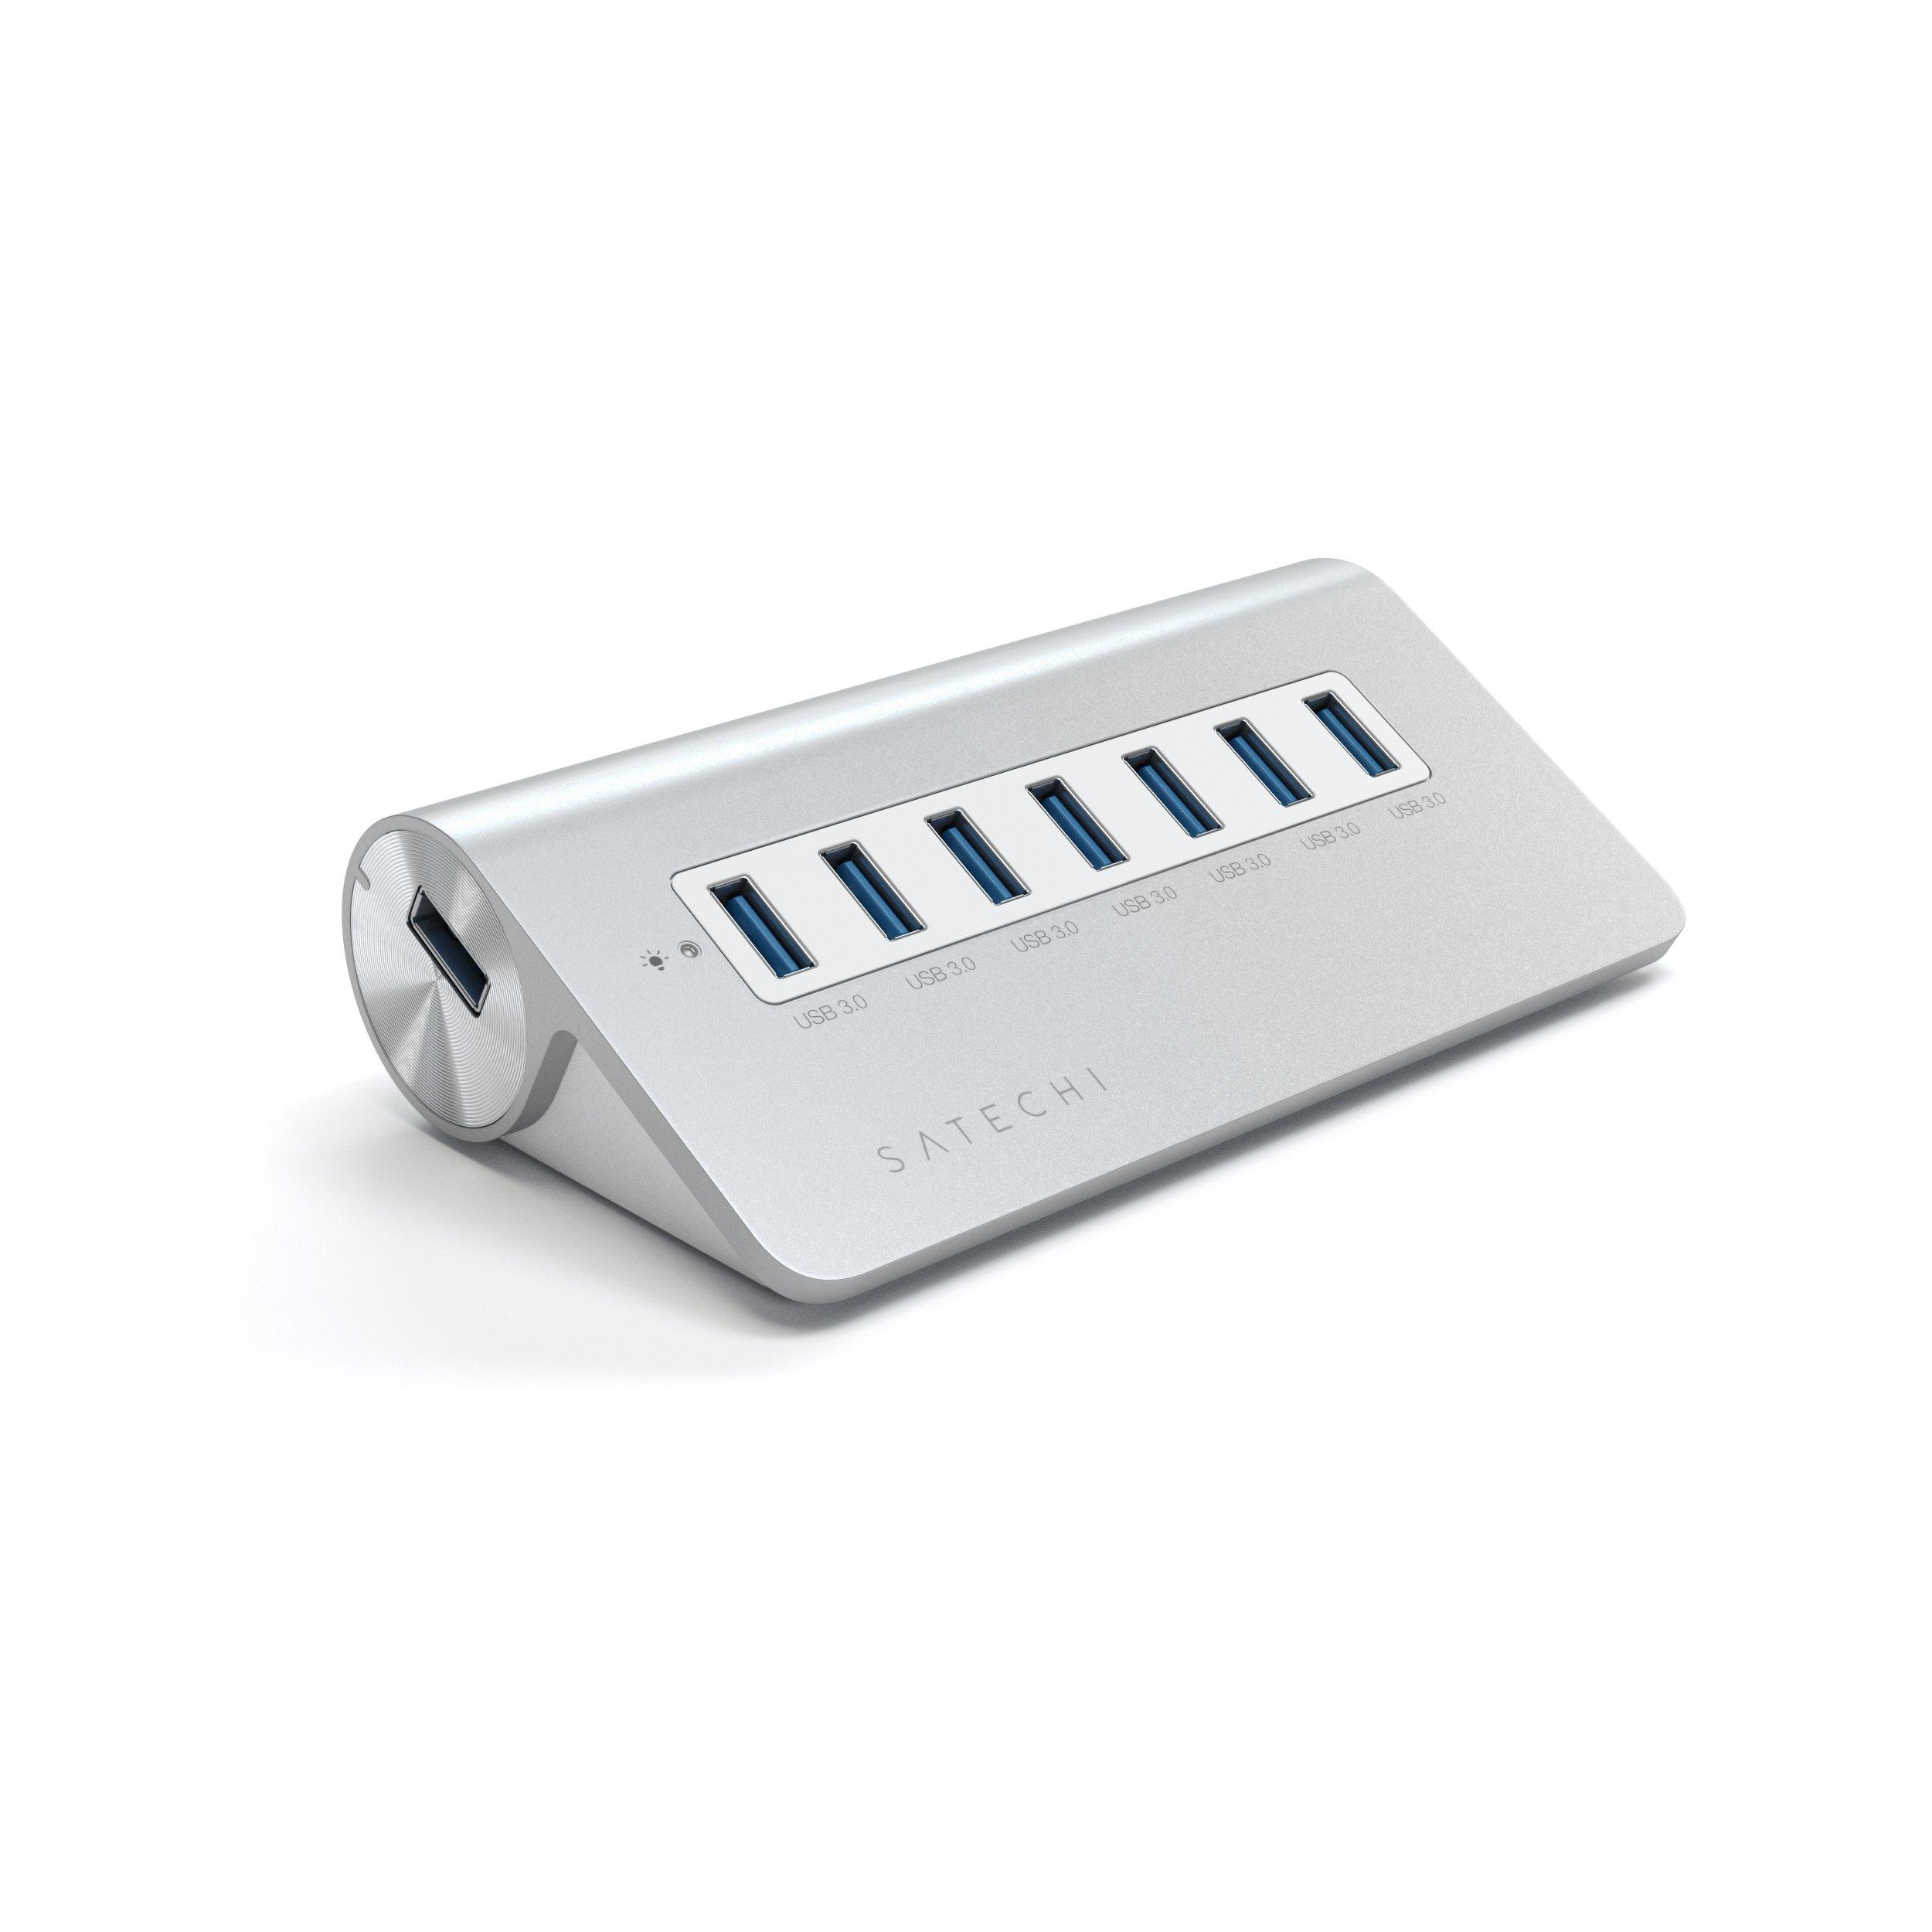 Satechi 7 Port USB 3.0 Premium Aluminum Hub (White Trim)